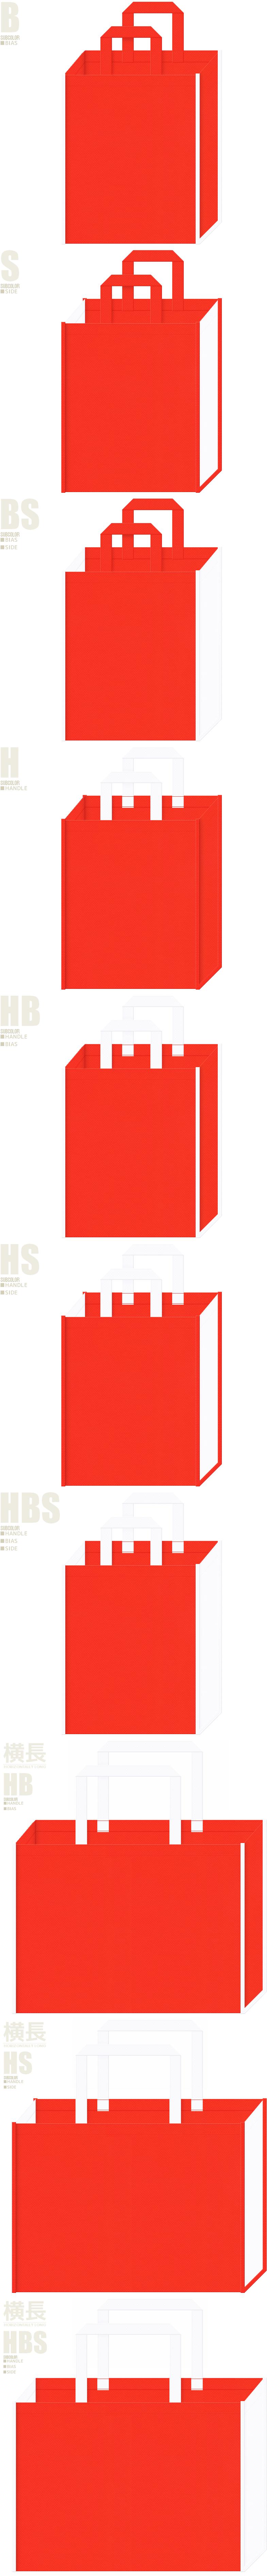 スポーティーファッション・アウトドアイベントにお奨めの、オレンジ色と白色-7パターンの不織布トートバッグ配色デザイン例